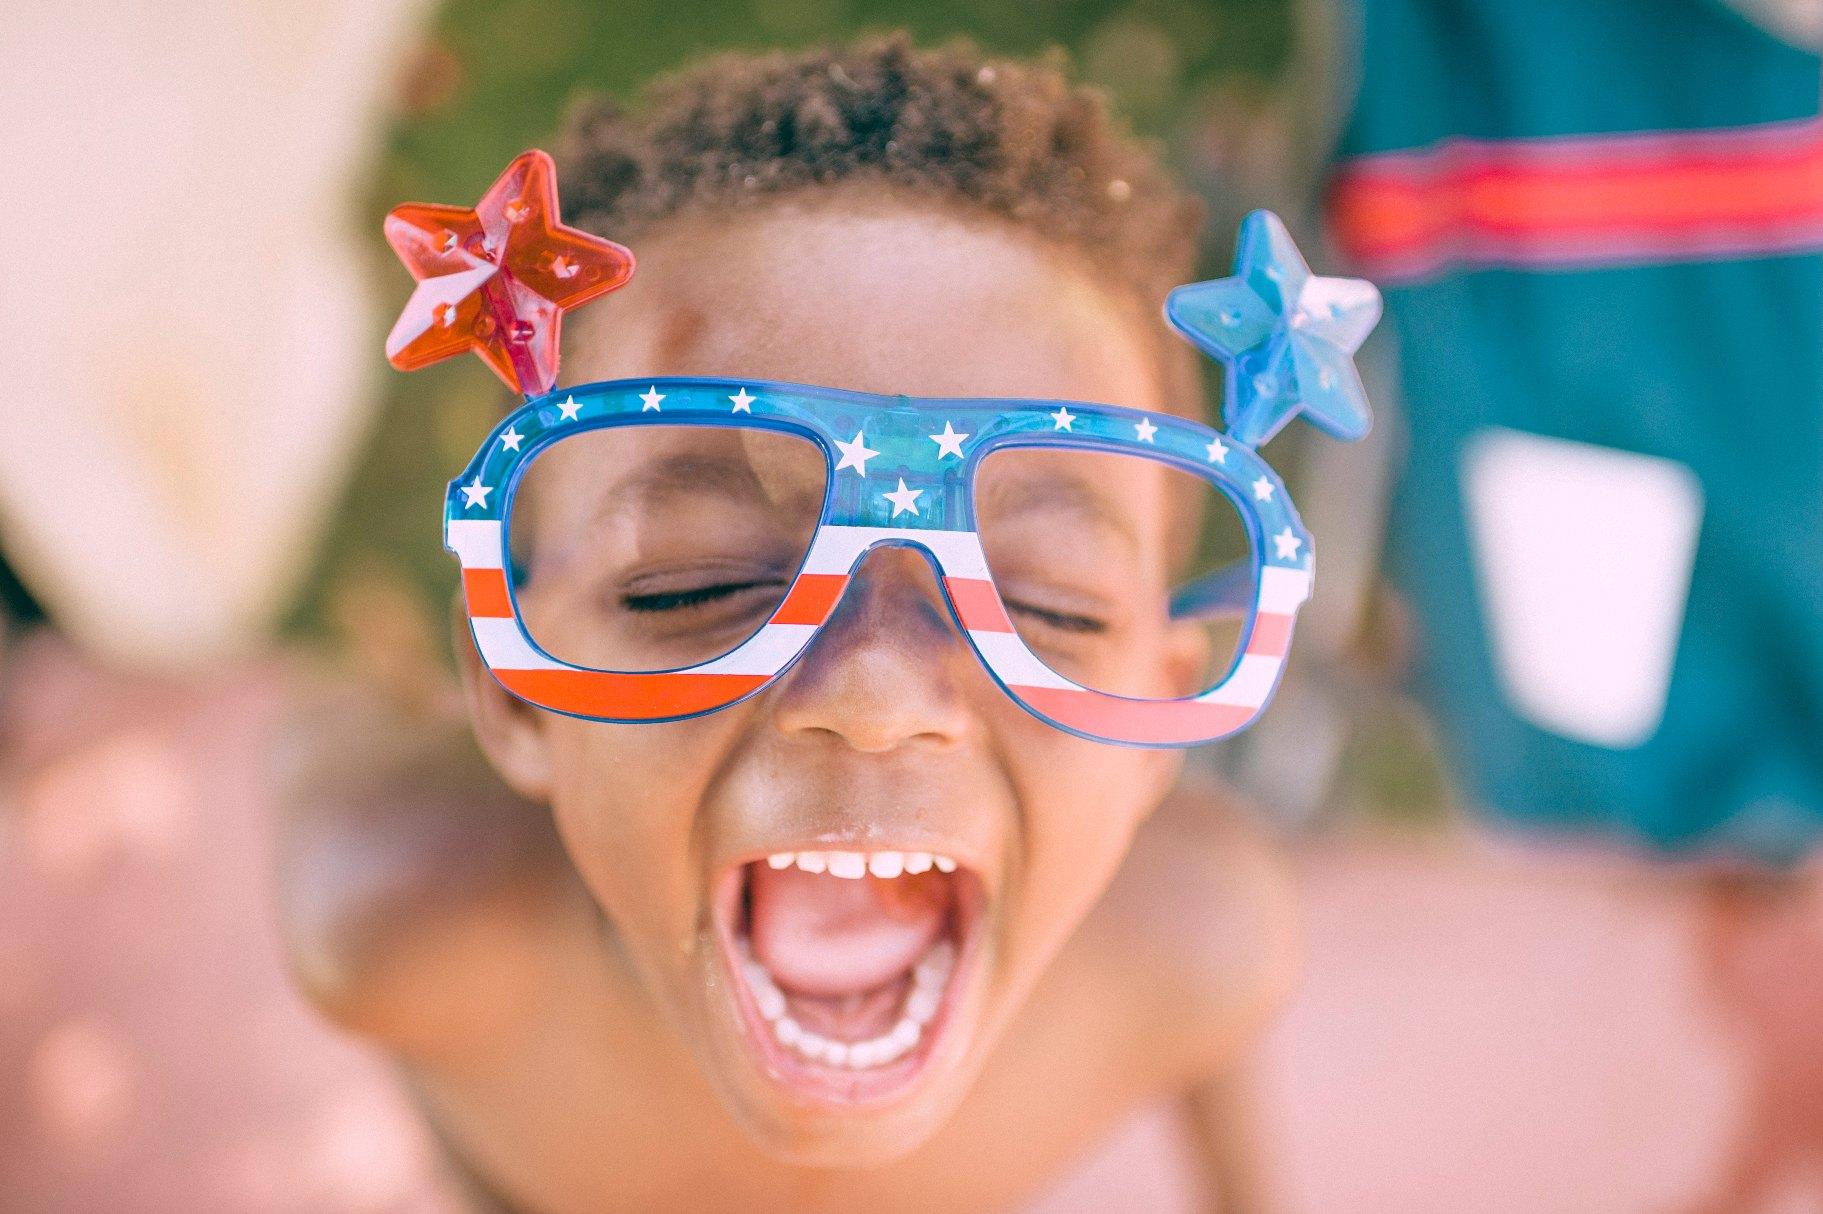 Les lunettes mythiques américaines